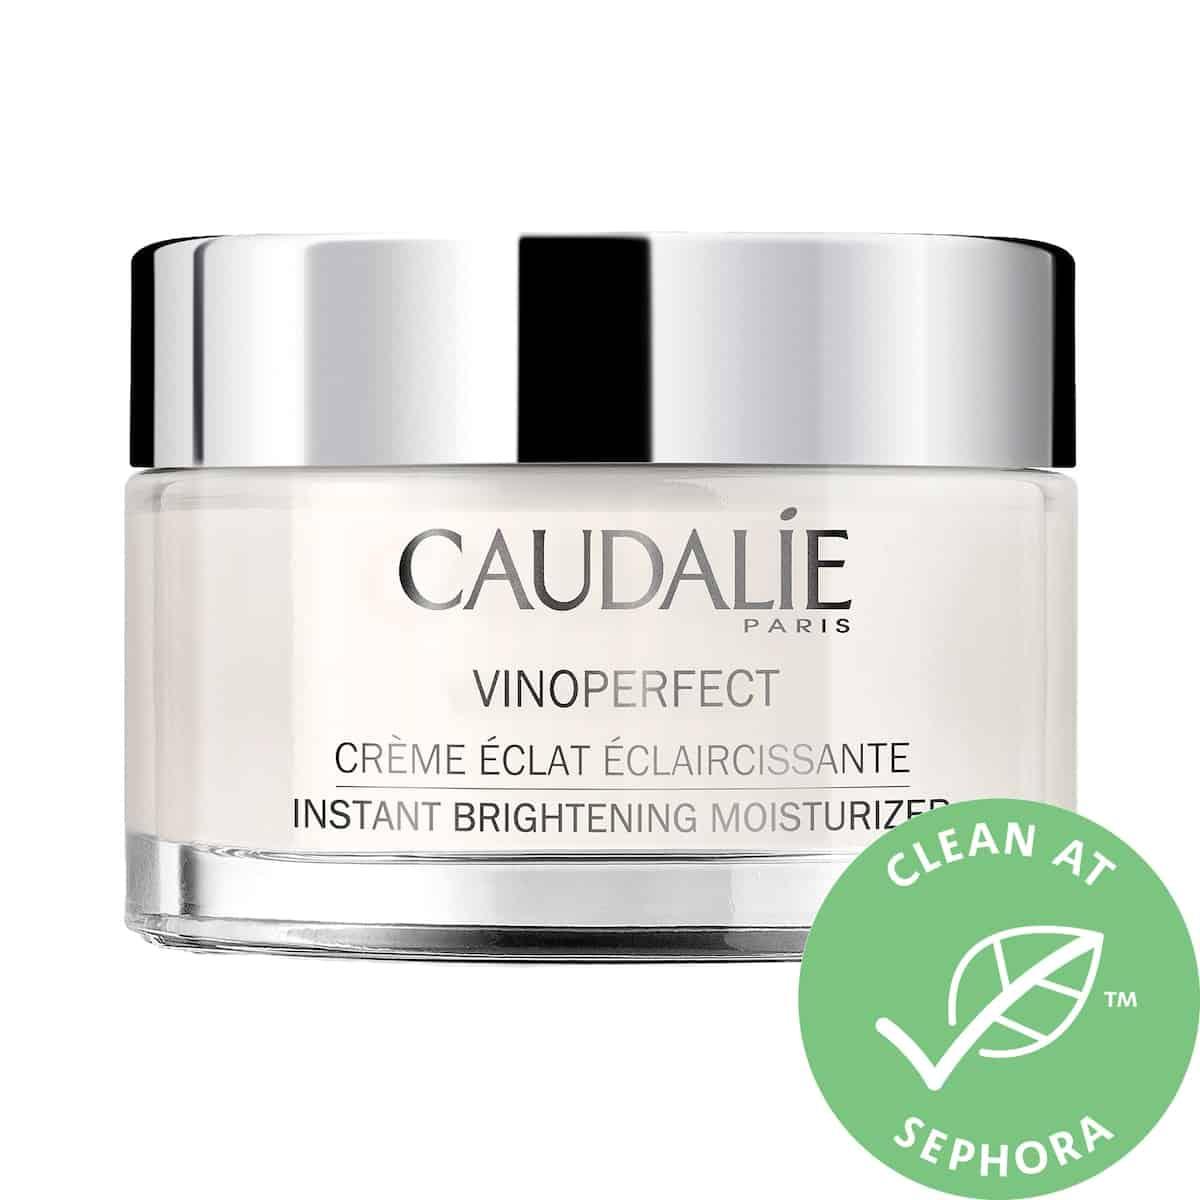 caudalie vinoperfect brightening moisturizer with niacinamide